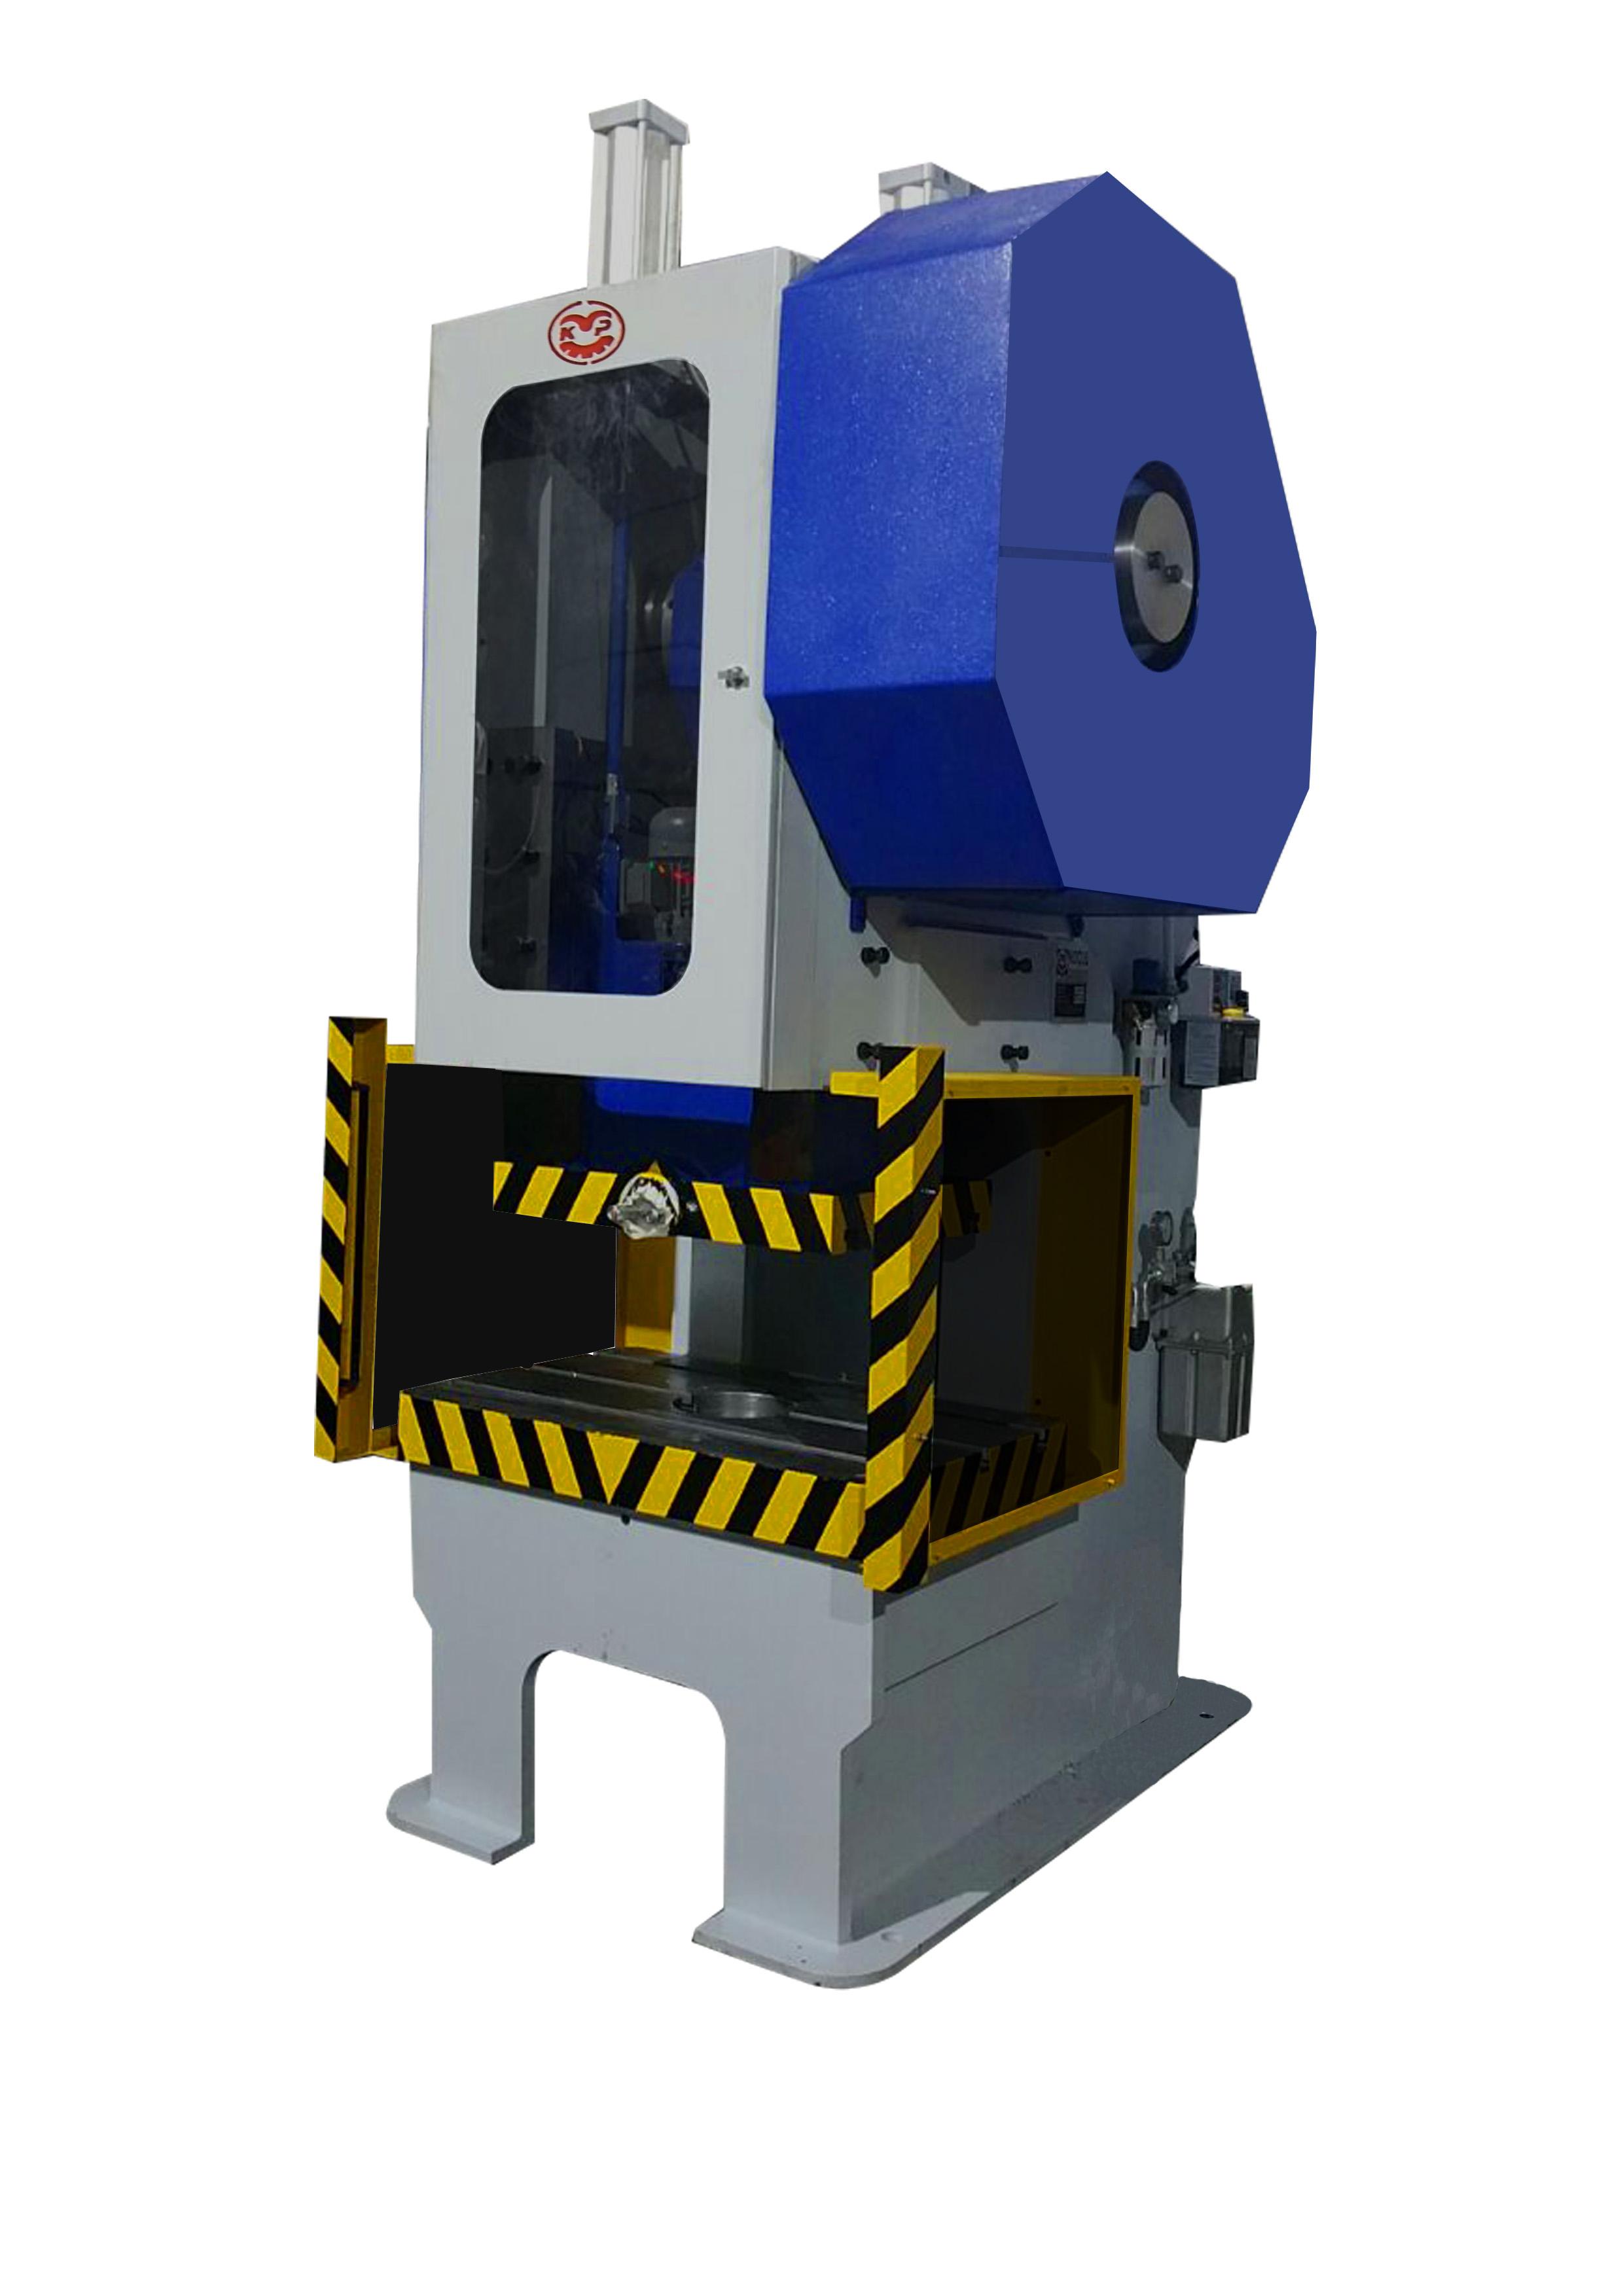 125 TON C TYPE ECCENTRIC PRESS MACHINE